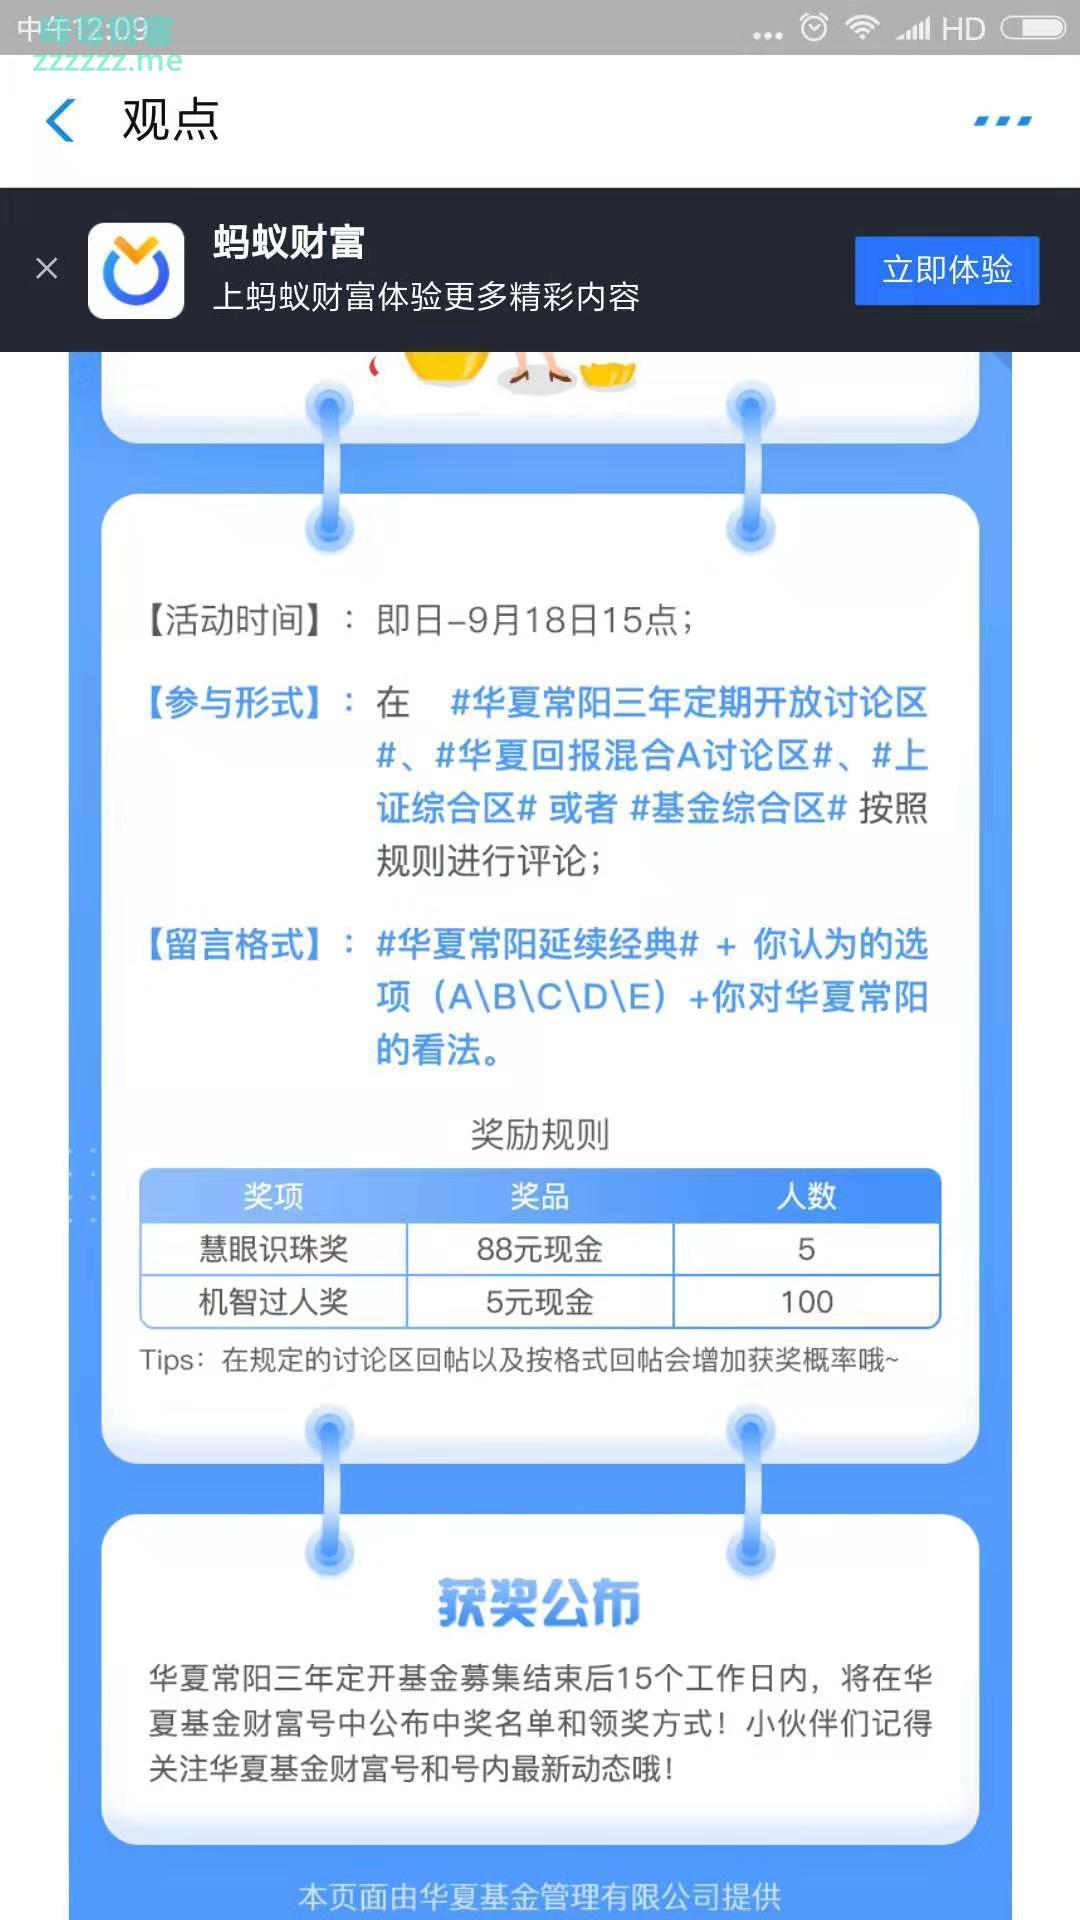 华夏基金华夏常阳宠粉活动第二弹(截止9月18日)